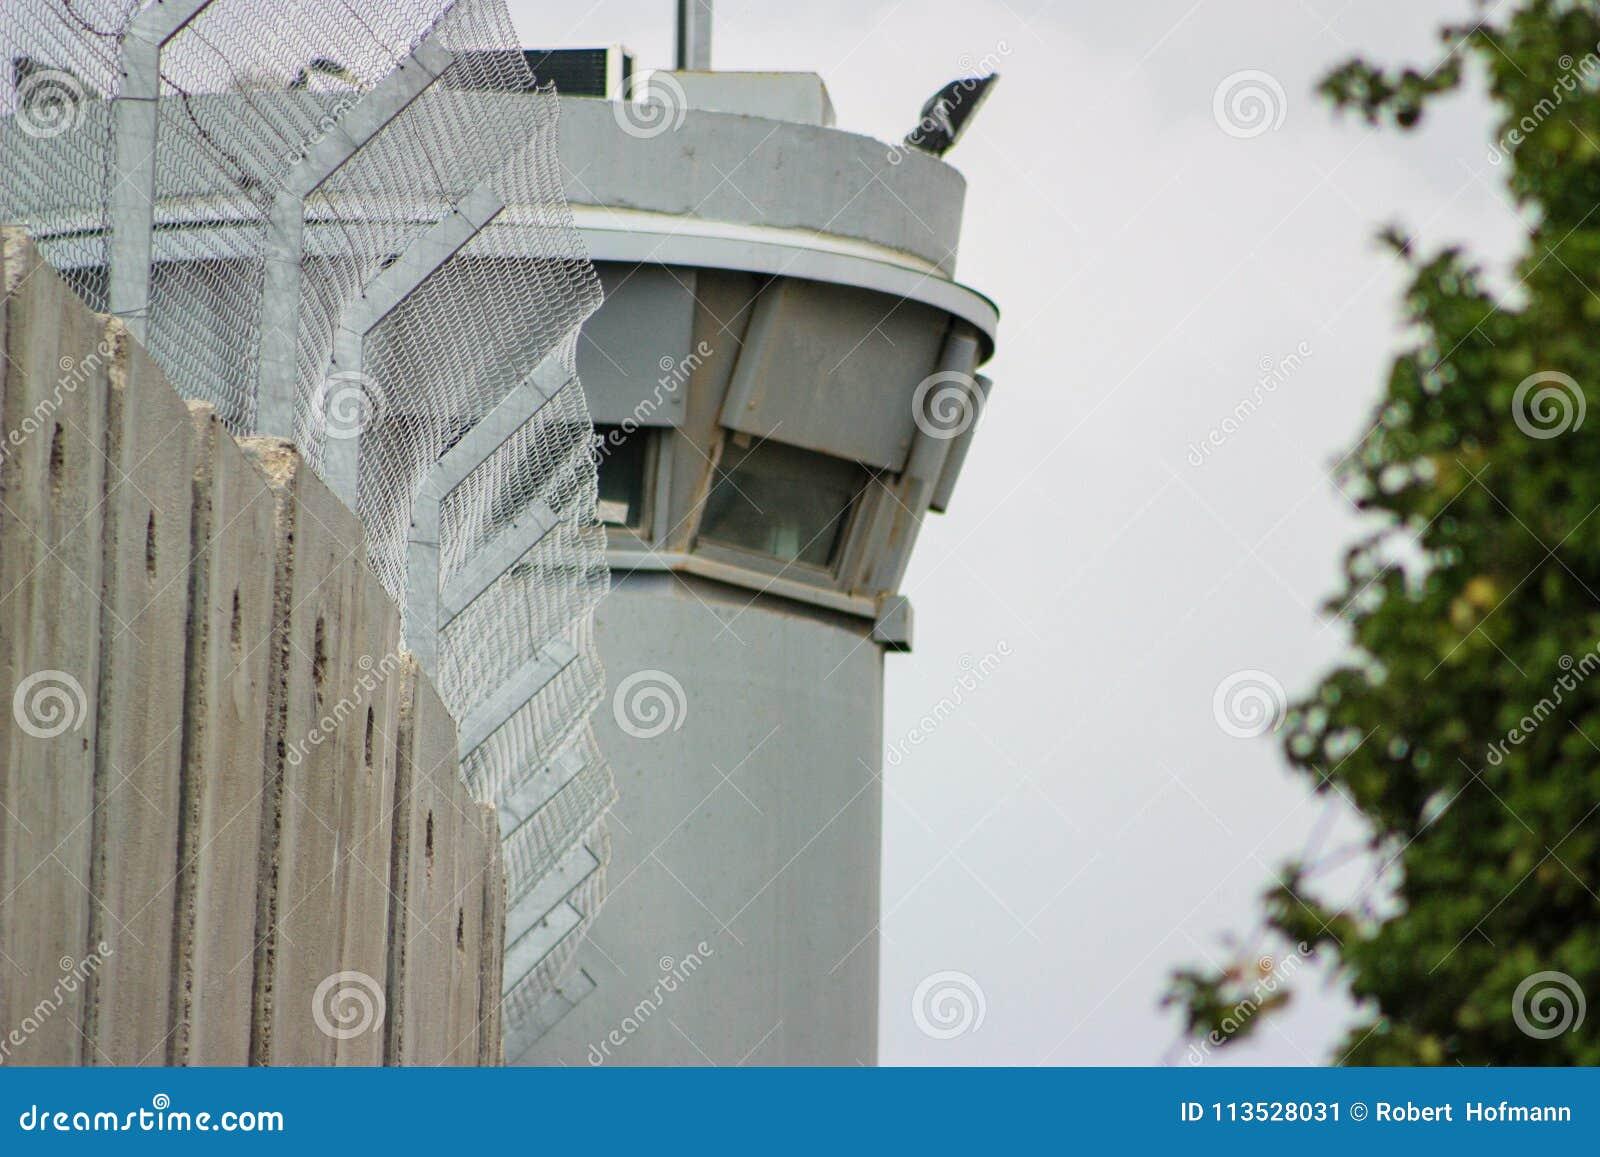 Сторожевая башня на разделительной стене между занятыми палестинскими territory's в западном береге или Газа и Израилем